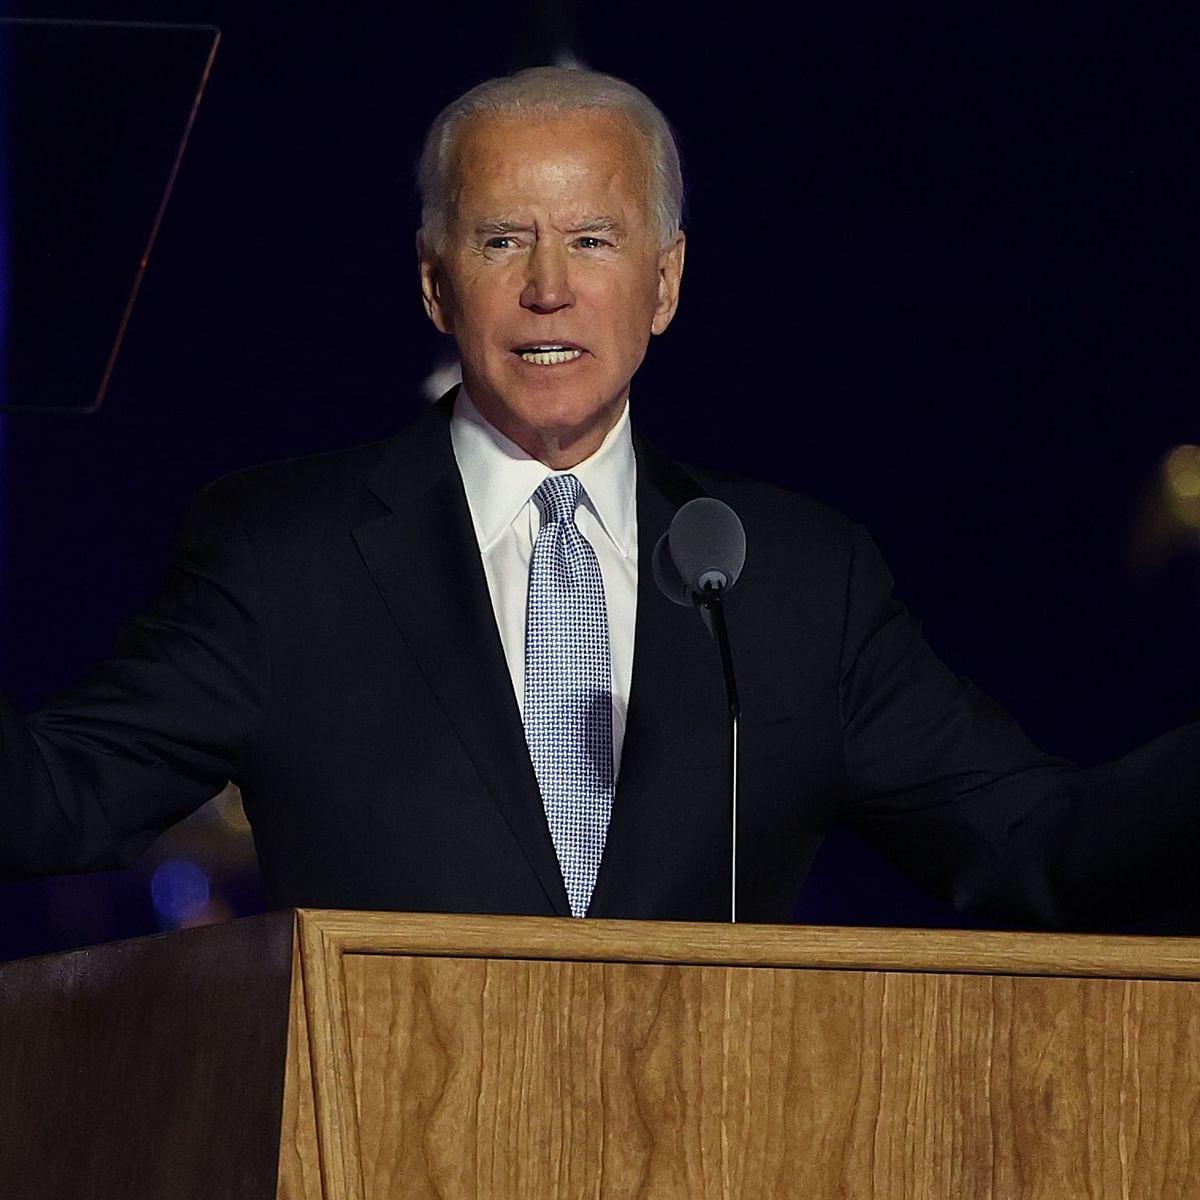 امریکہ کے صدر جو بائیڈن / Getty Images